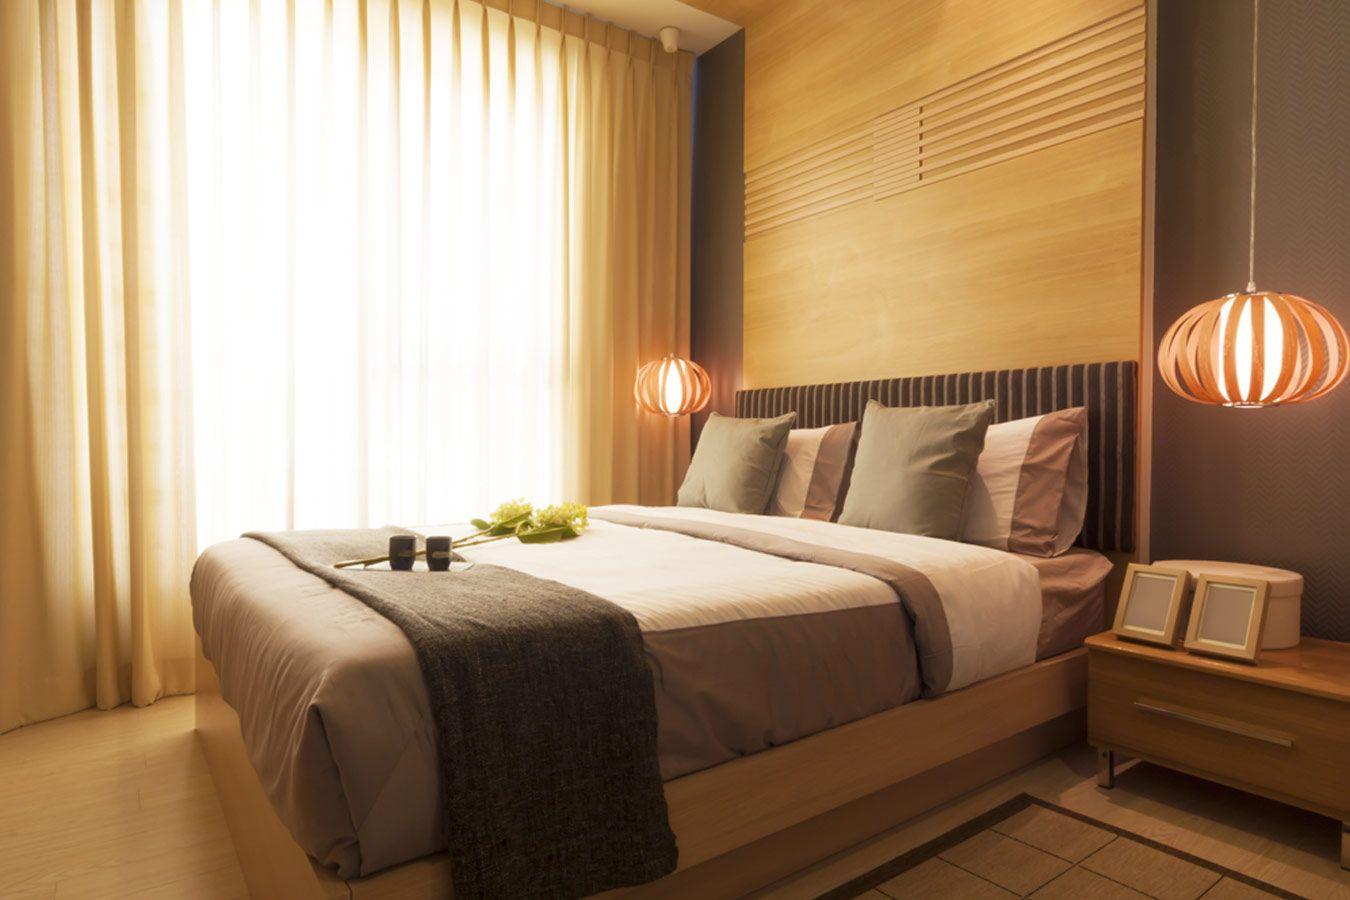 landelijke slaapkamer met houten hanglampen | Ideeën voor het huis ...